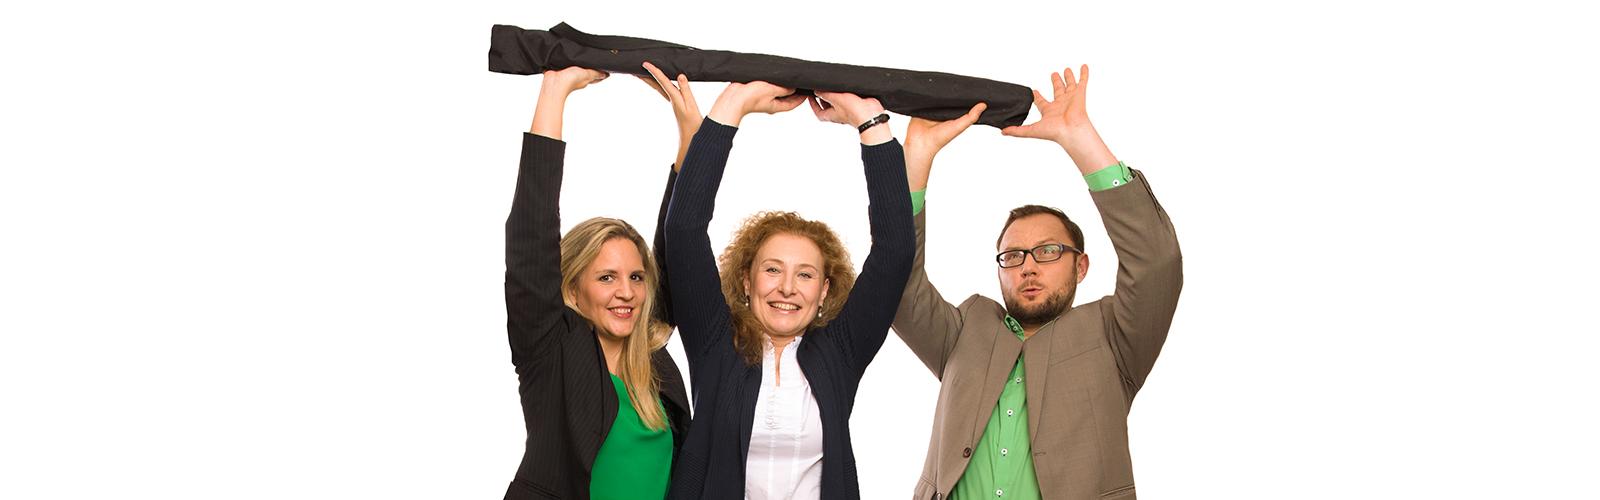 Team Marketing [Treffen Sie unser Team!][10]